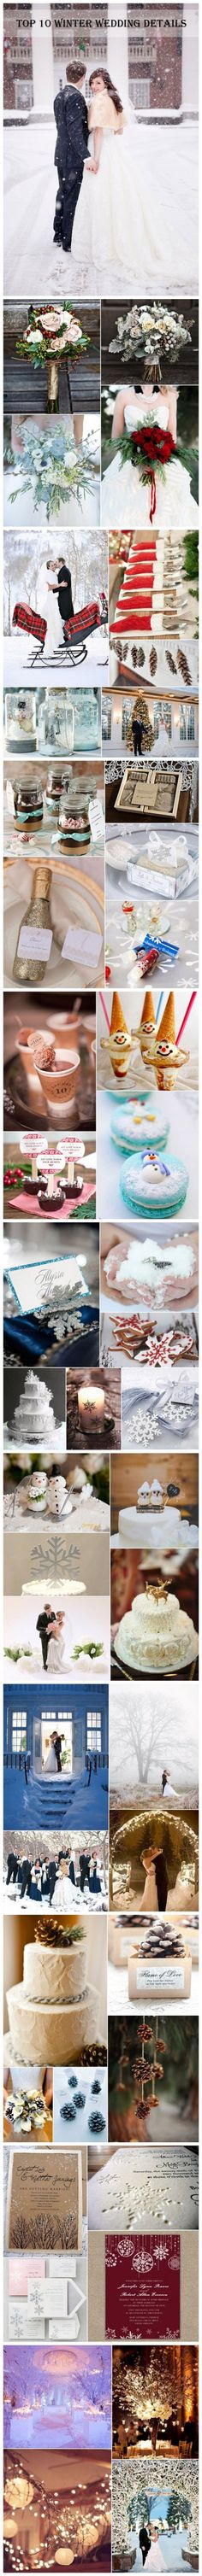 Ślub w zimie - zobacz jakie akcenty możesz wykorzystać...